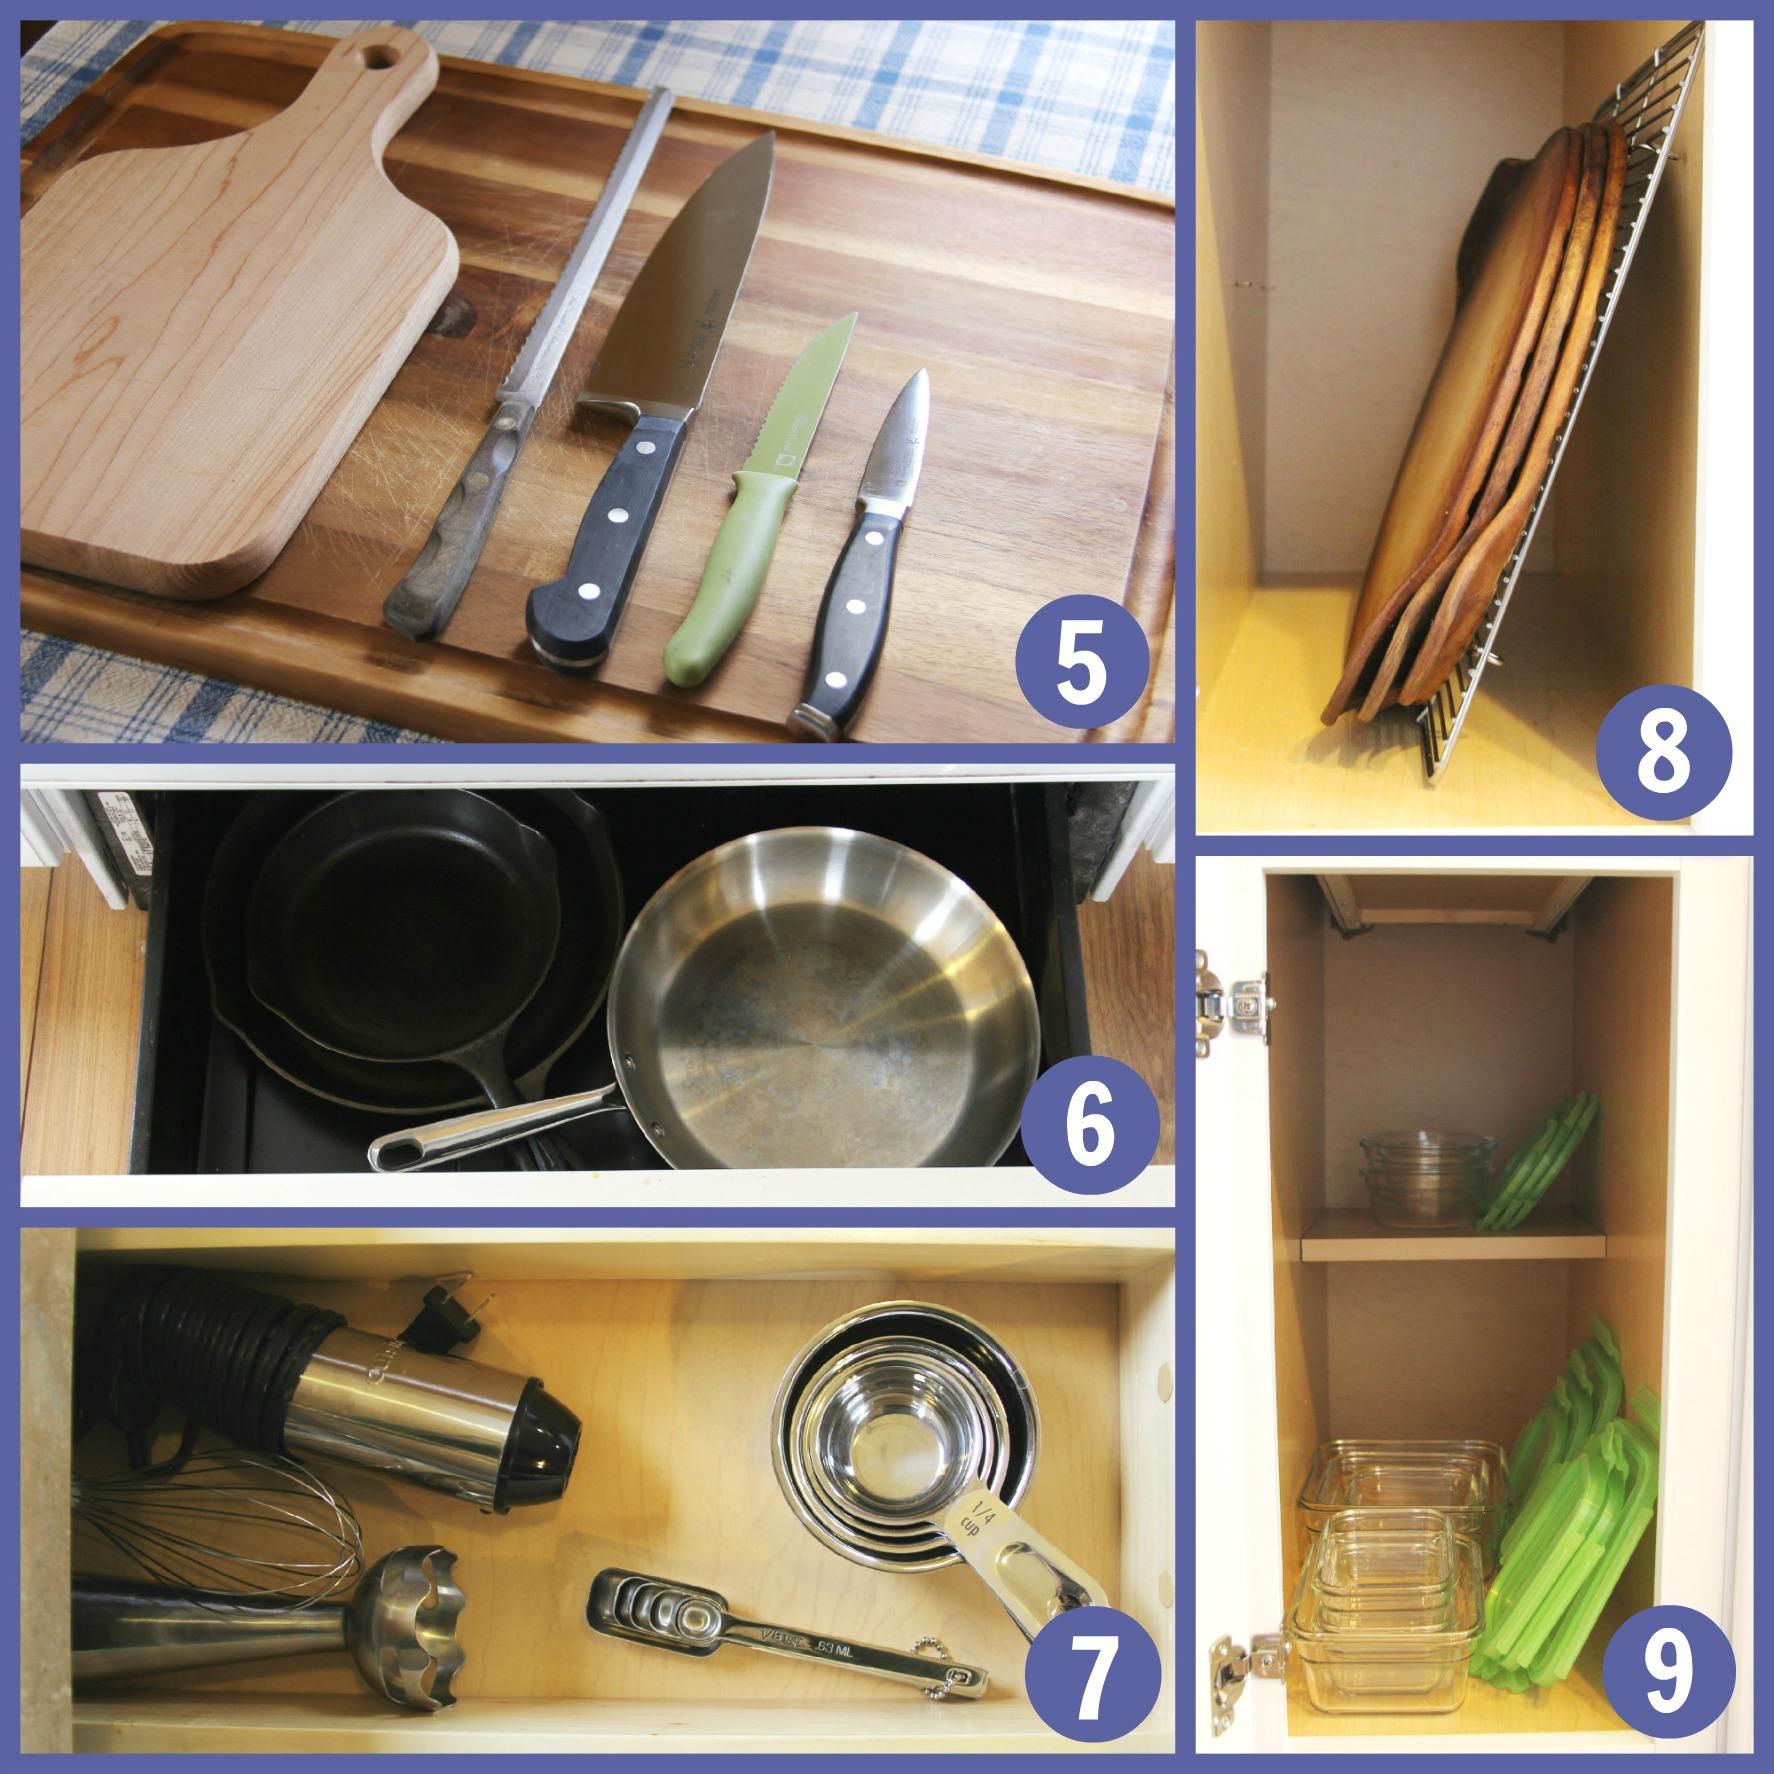 Kitchen tour 1a